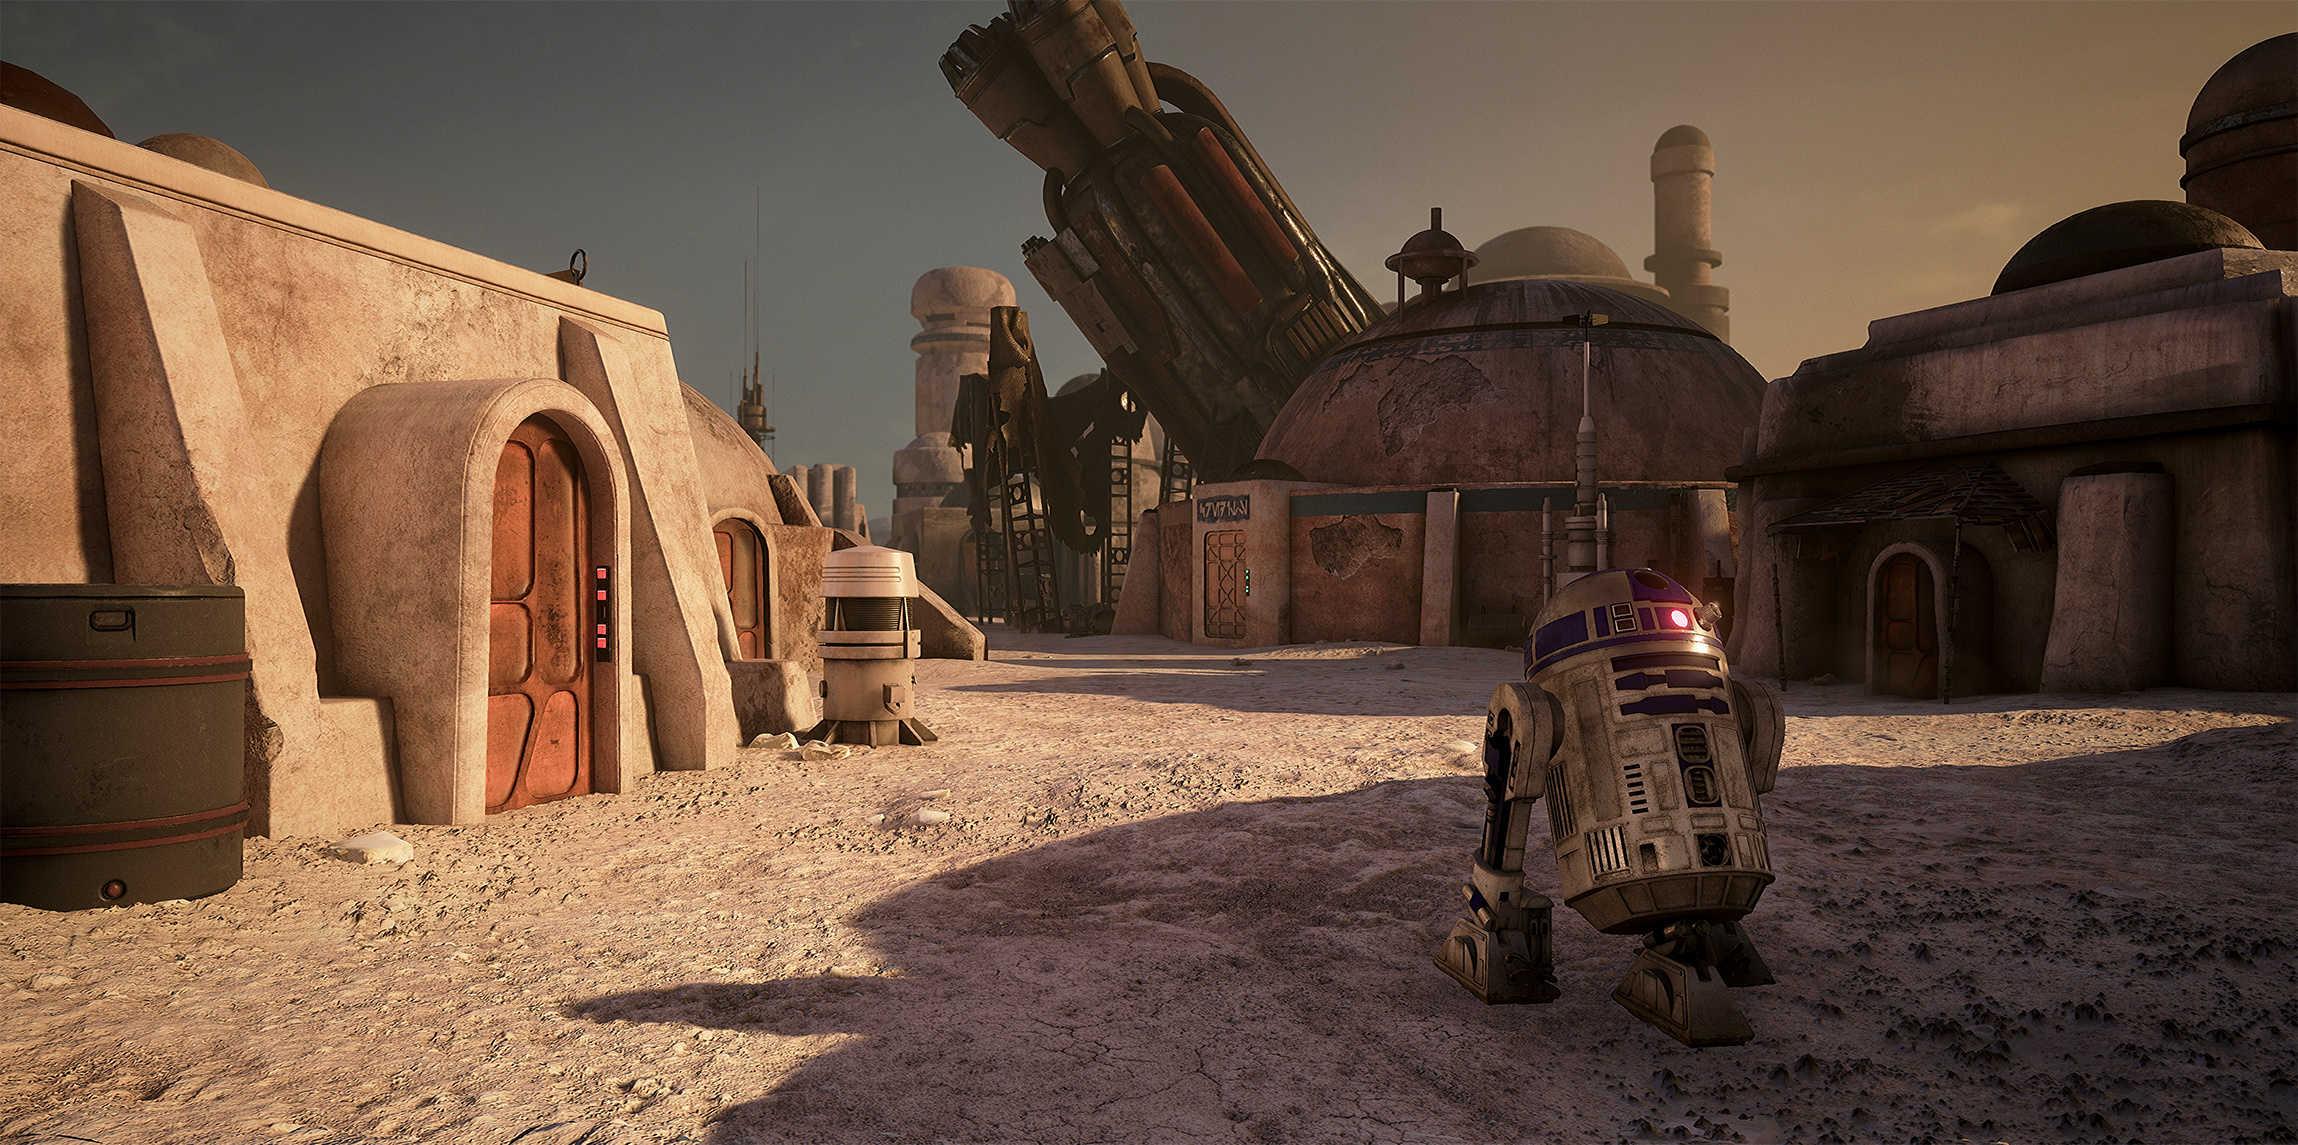 Vývojáři z Obsidianu vytvořili překrásnou Star Wars scenérii v enginu Unreal 4 130542